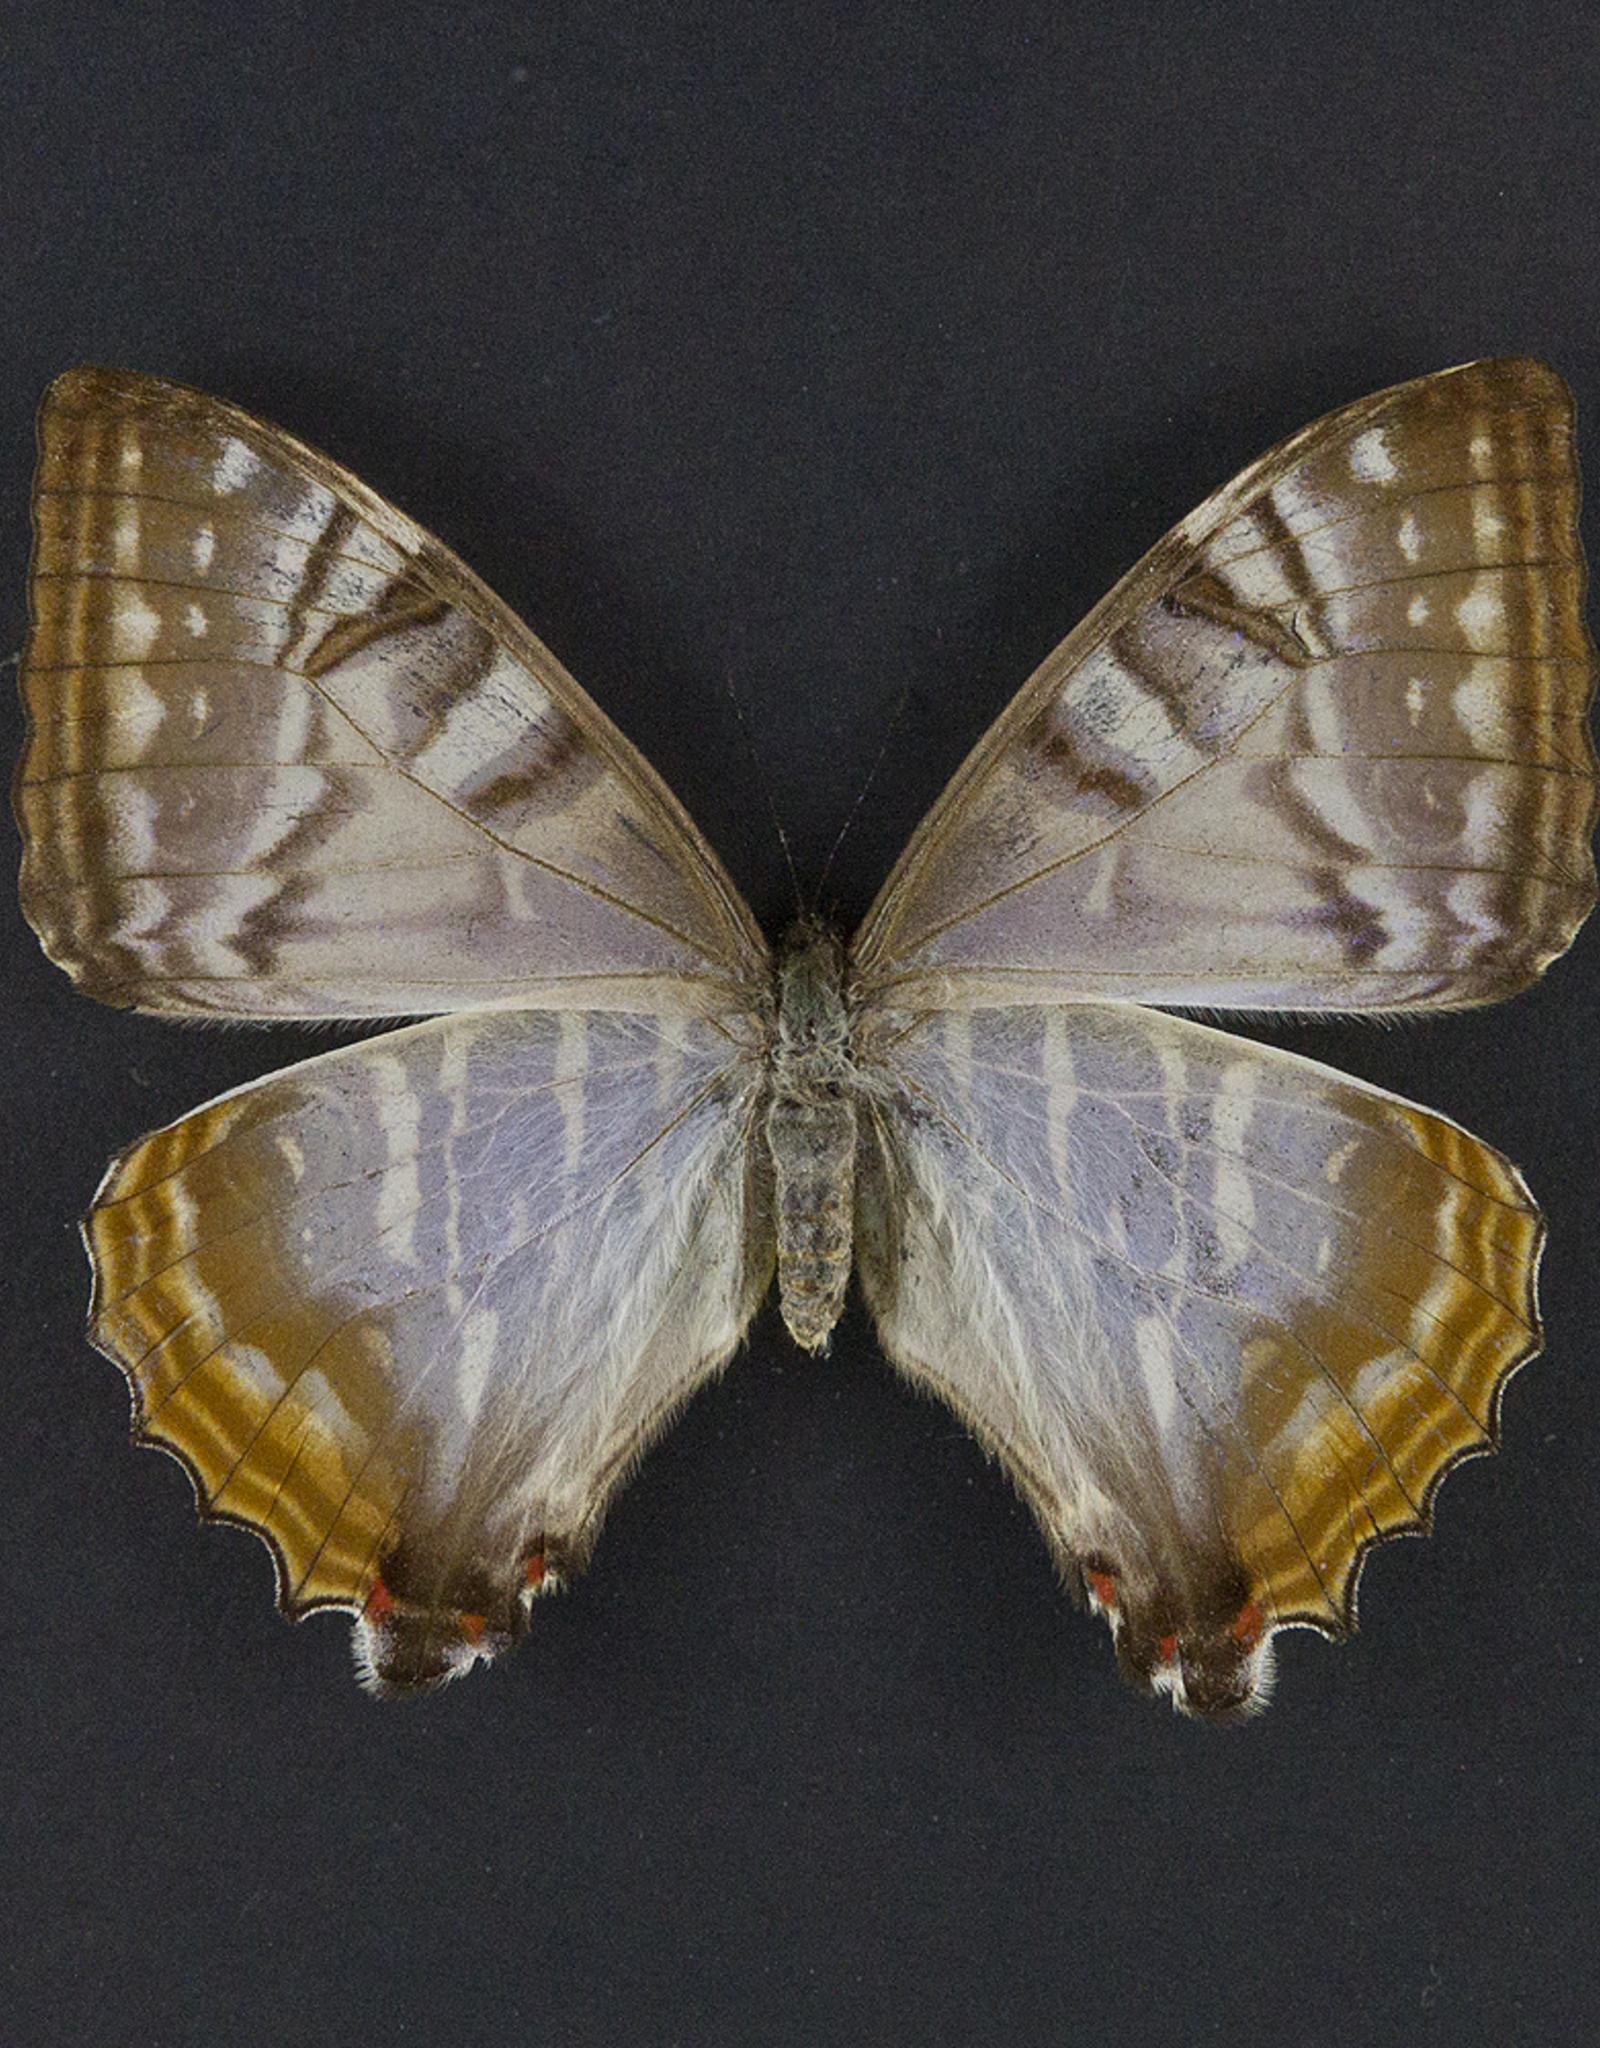 Morpho sulkowskyi selenaris F A1 Peru